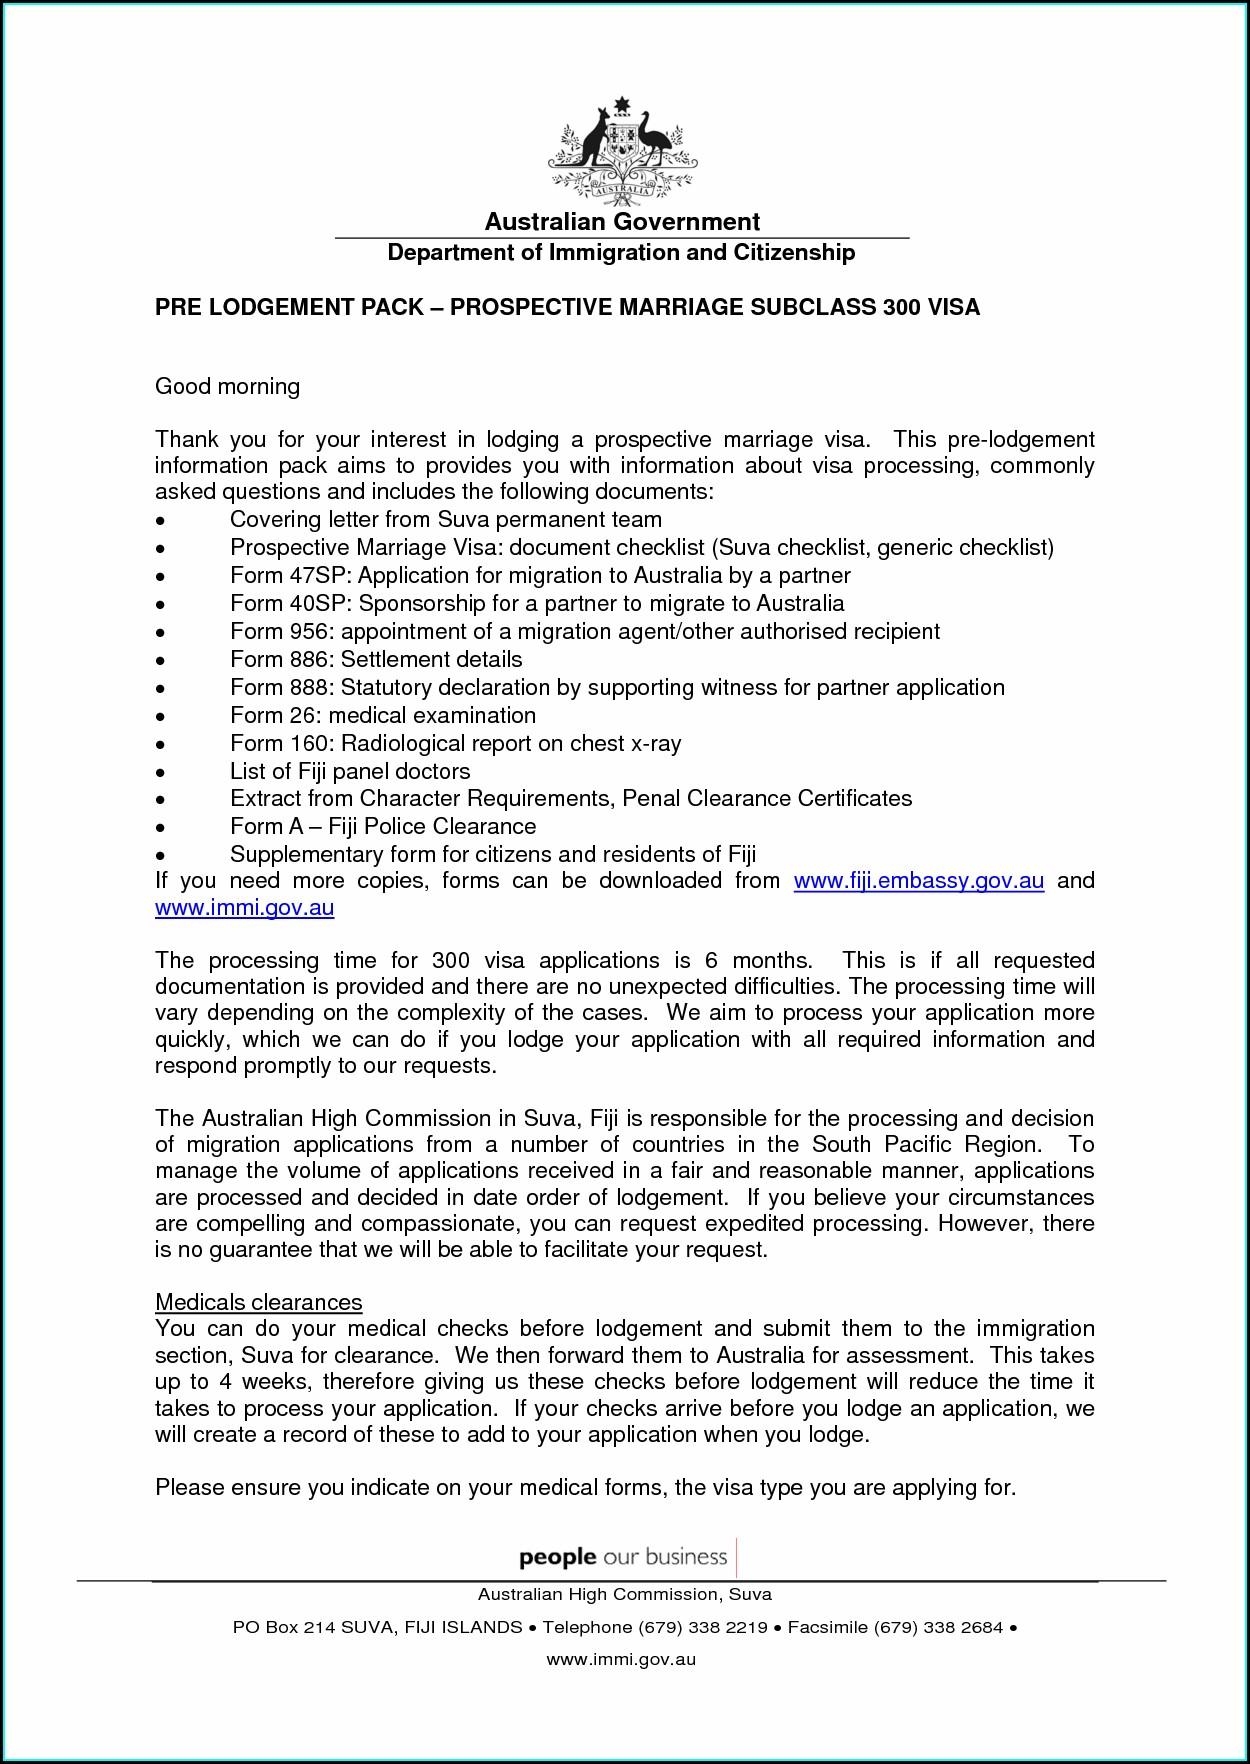 Sample Invitation Letter For Uk Visa Application